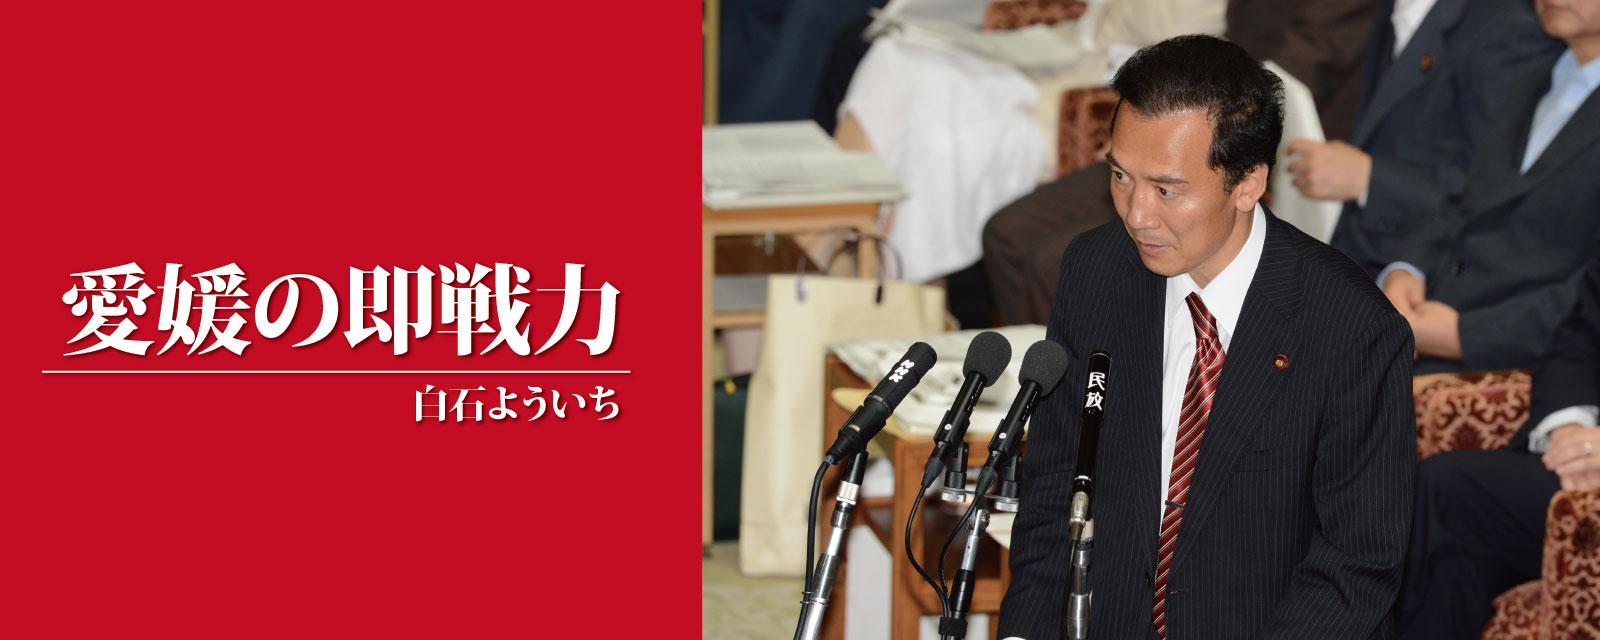 愛媛3区 衆議院議員 白石洋一 総選挙